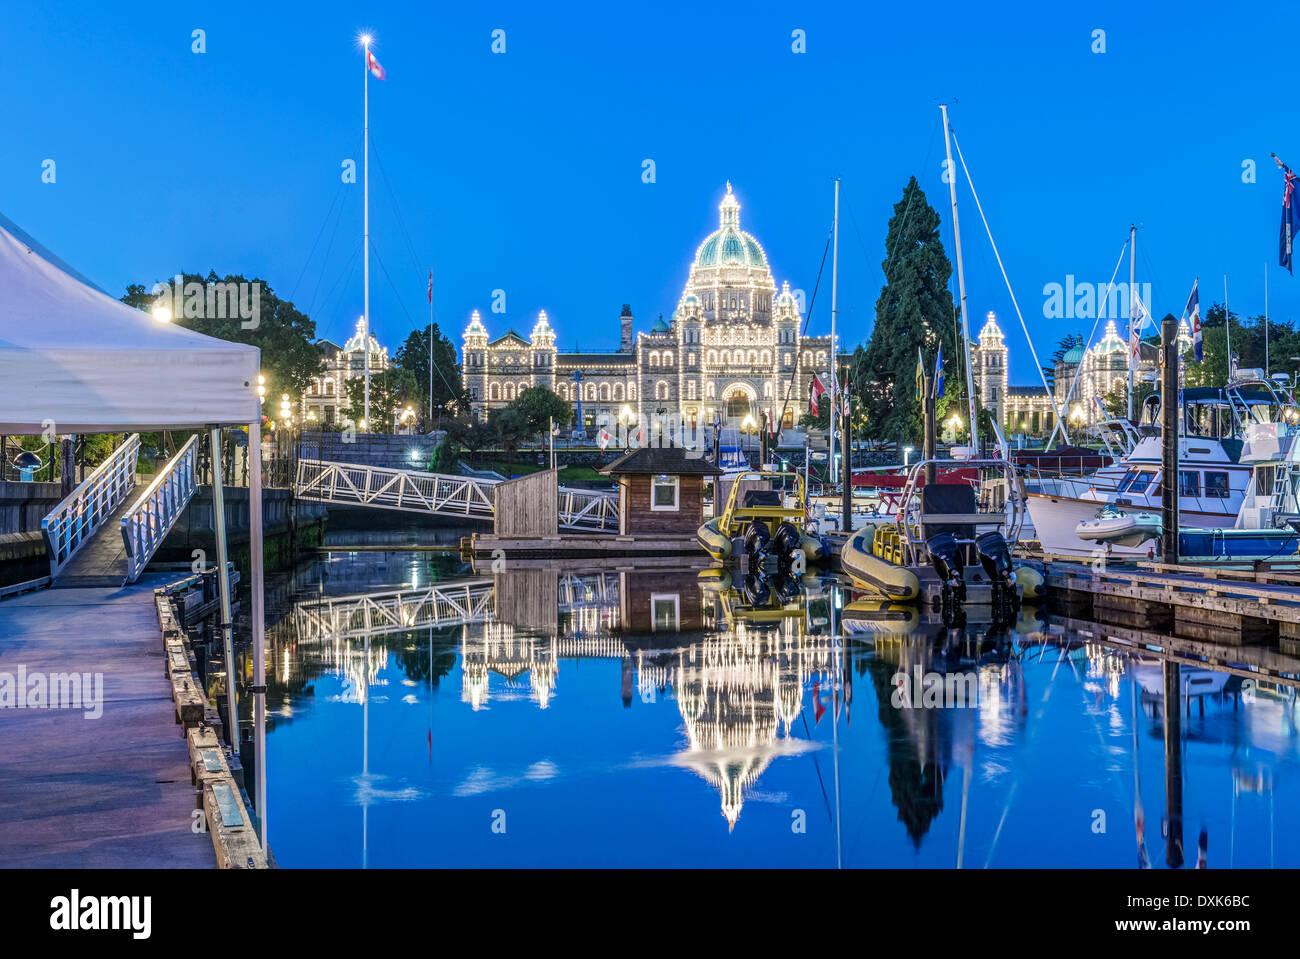 Los edificios del Parlamento y el puerto iluminado en la madrugada, Victoria, British Columbia, Canadá Imagen De Stock